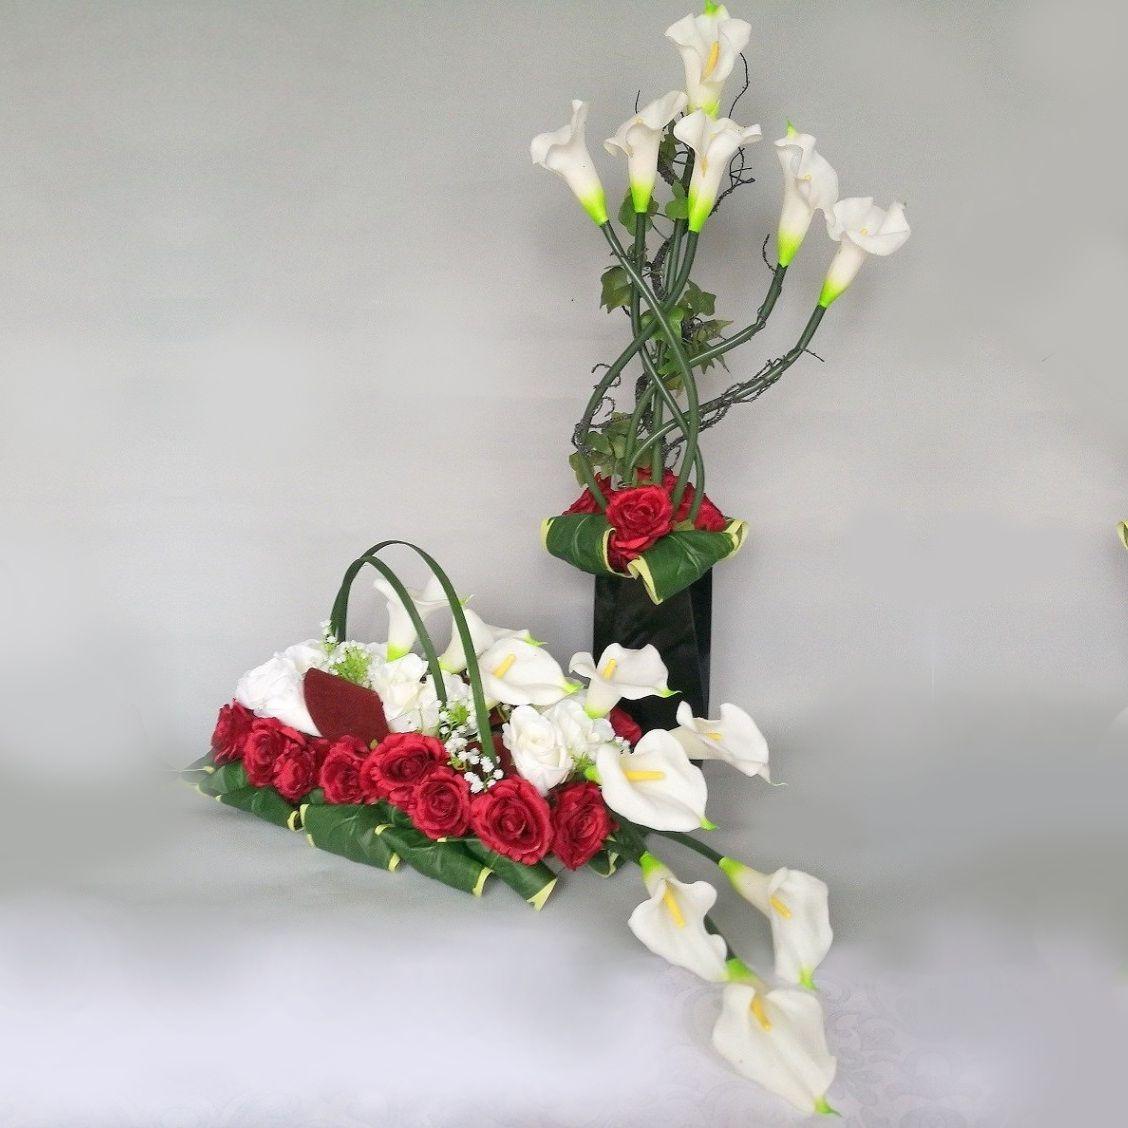 Zestaw Bialo Czerwony Nr 115 Swiateczne Atelier Floral Wreaths Decor